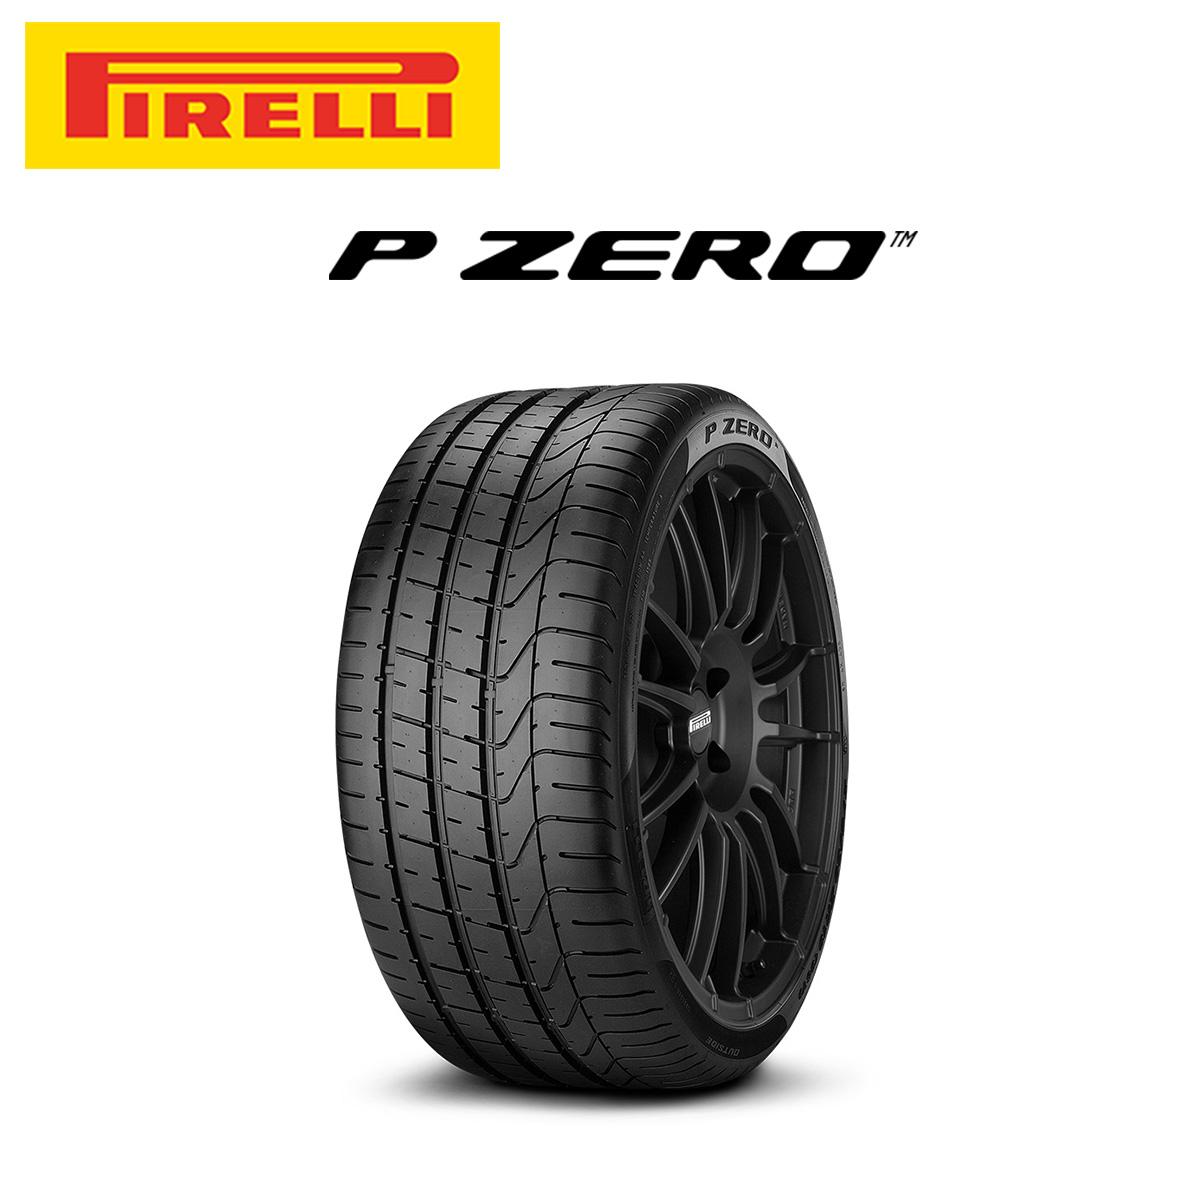 ピレリ PIRELLI P ZERO ピーゼロ 20インチ サマー タイヤ 4本 セット 265/35ZR20 95Y N0:ポルシェ承認タイヤ 1928900